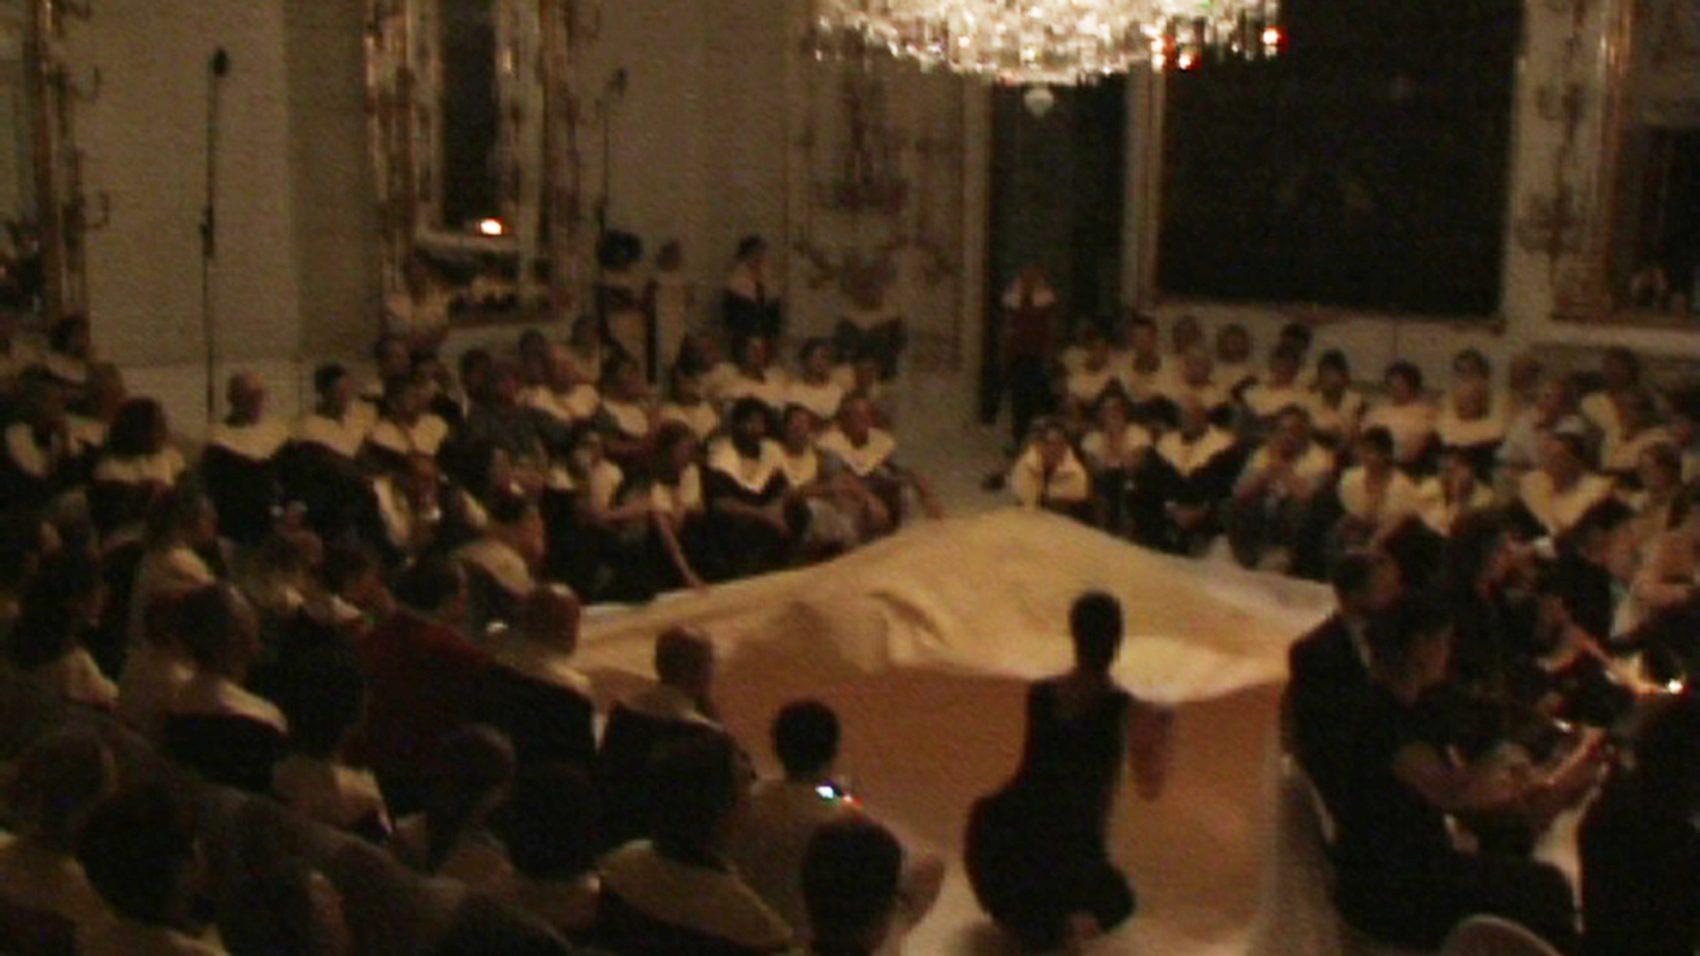 Nadia Lauro – Le troisième choeur - Le troisième choeur 2006